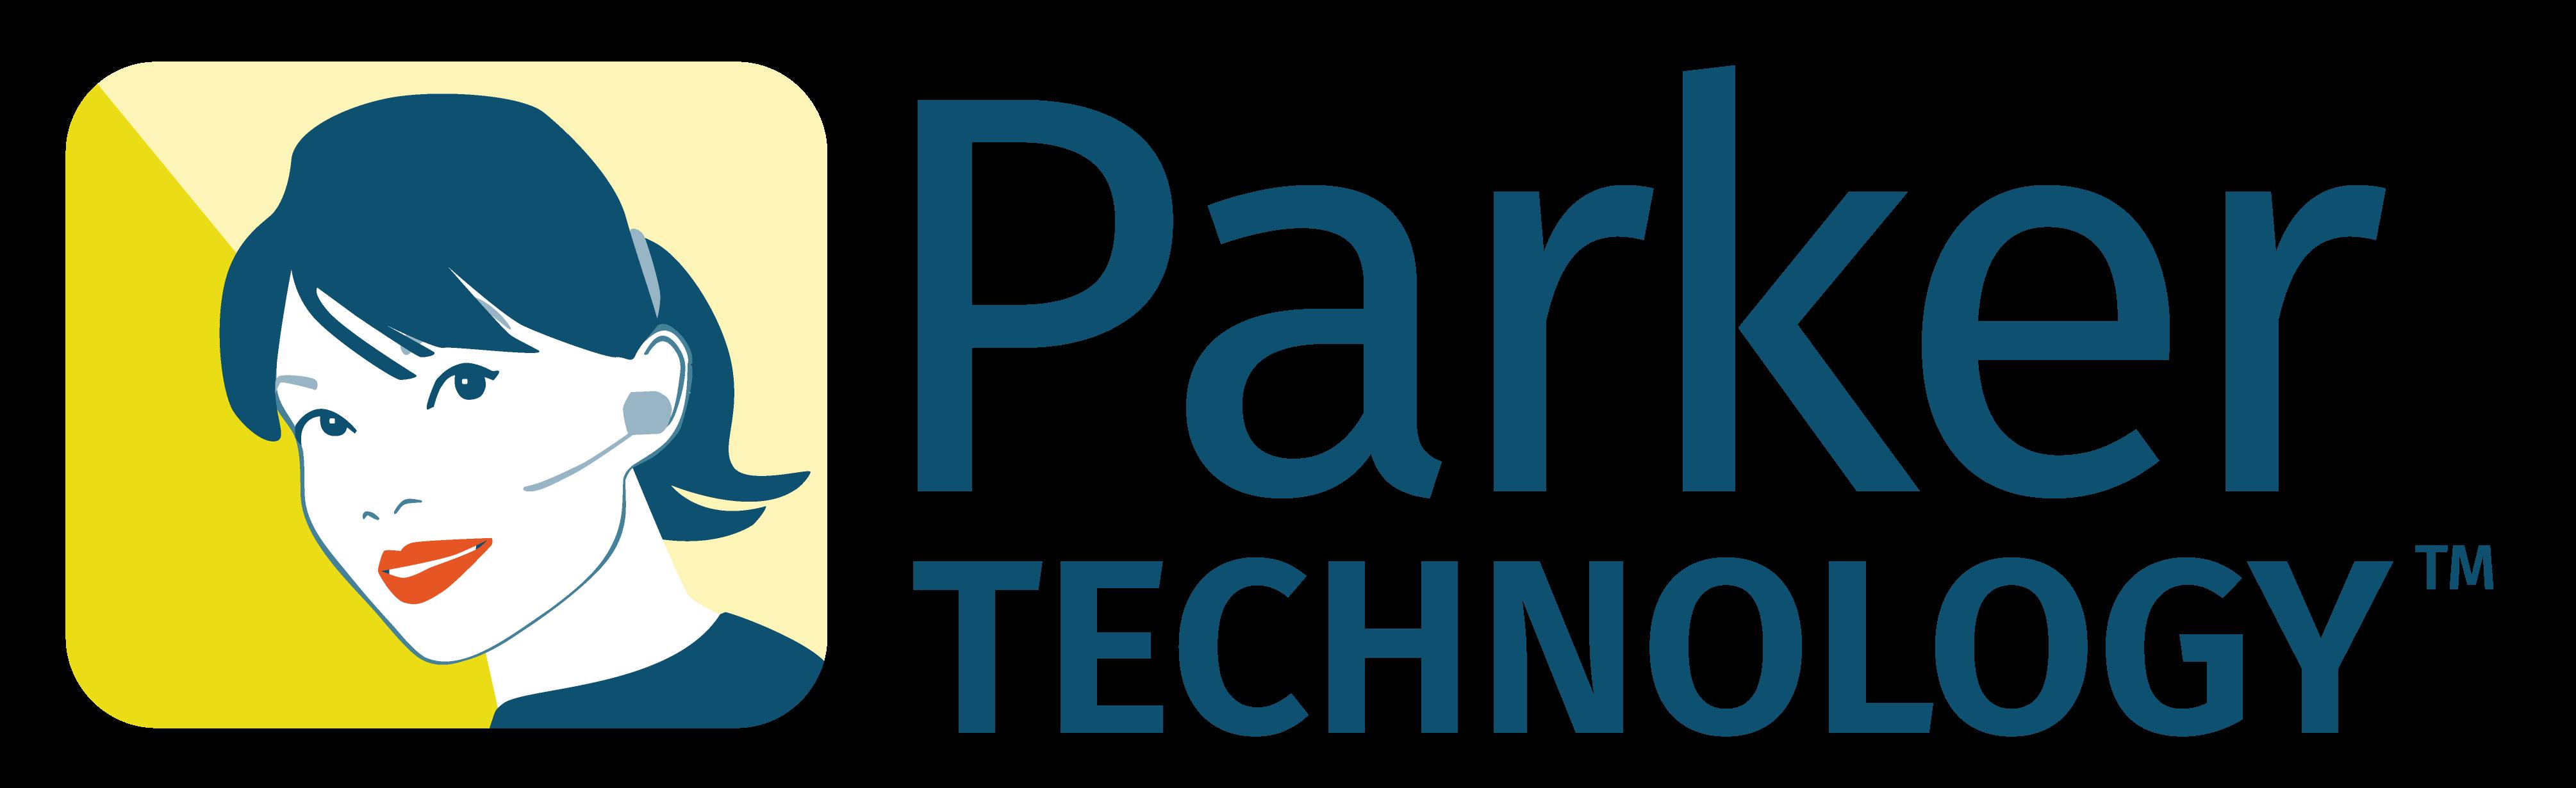 Parker-Technology